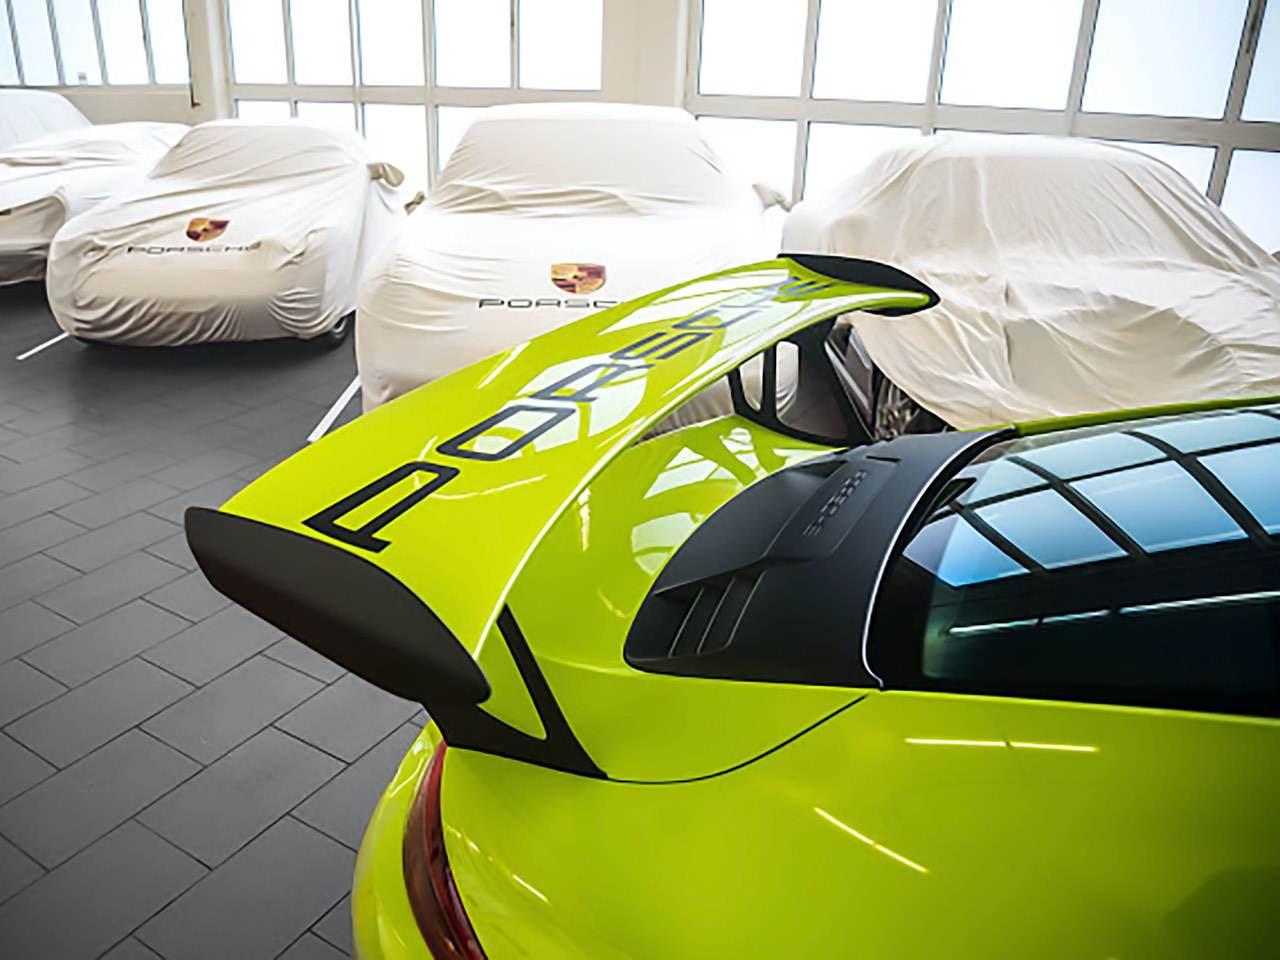 Porsche-911-991-GT3-RS-3